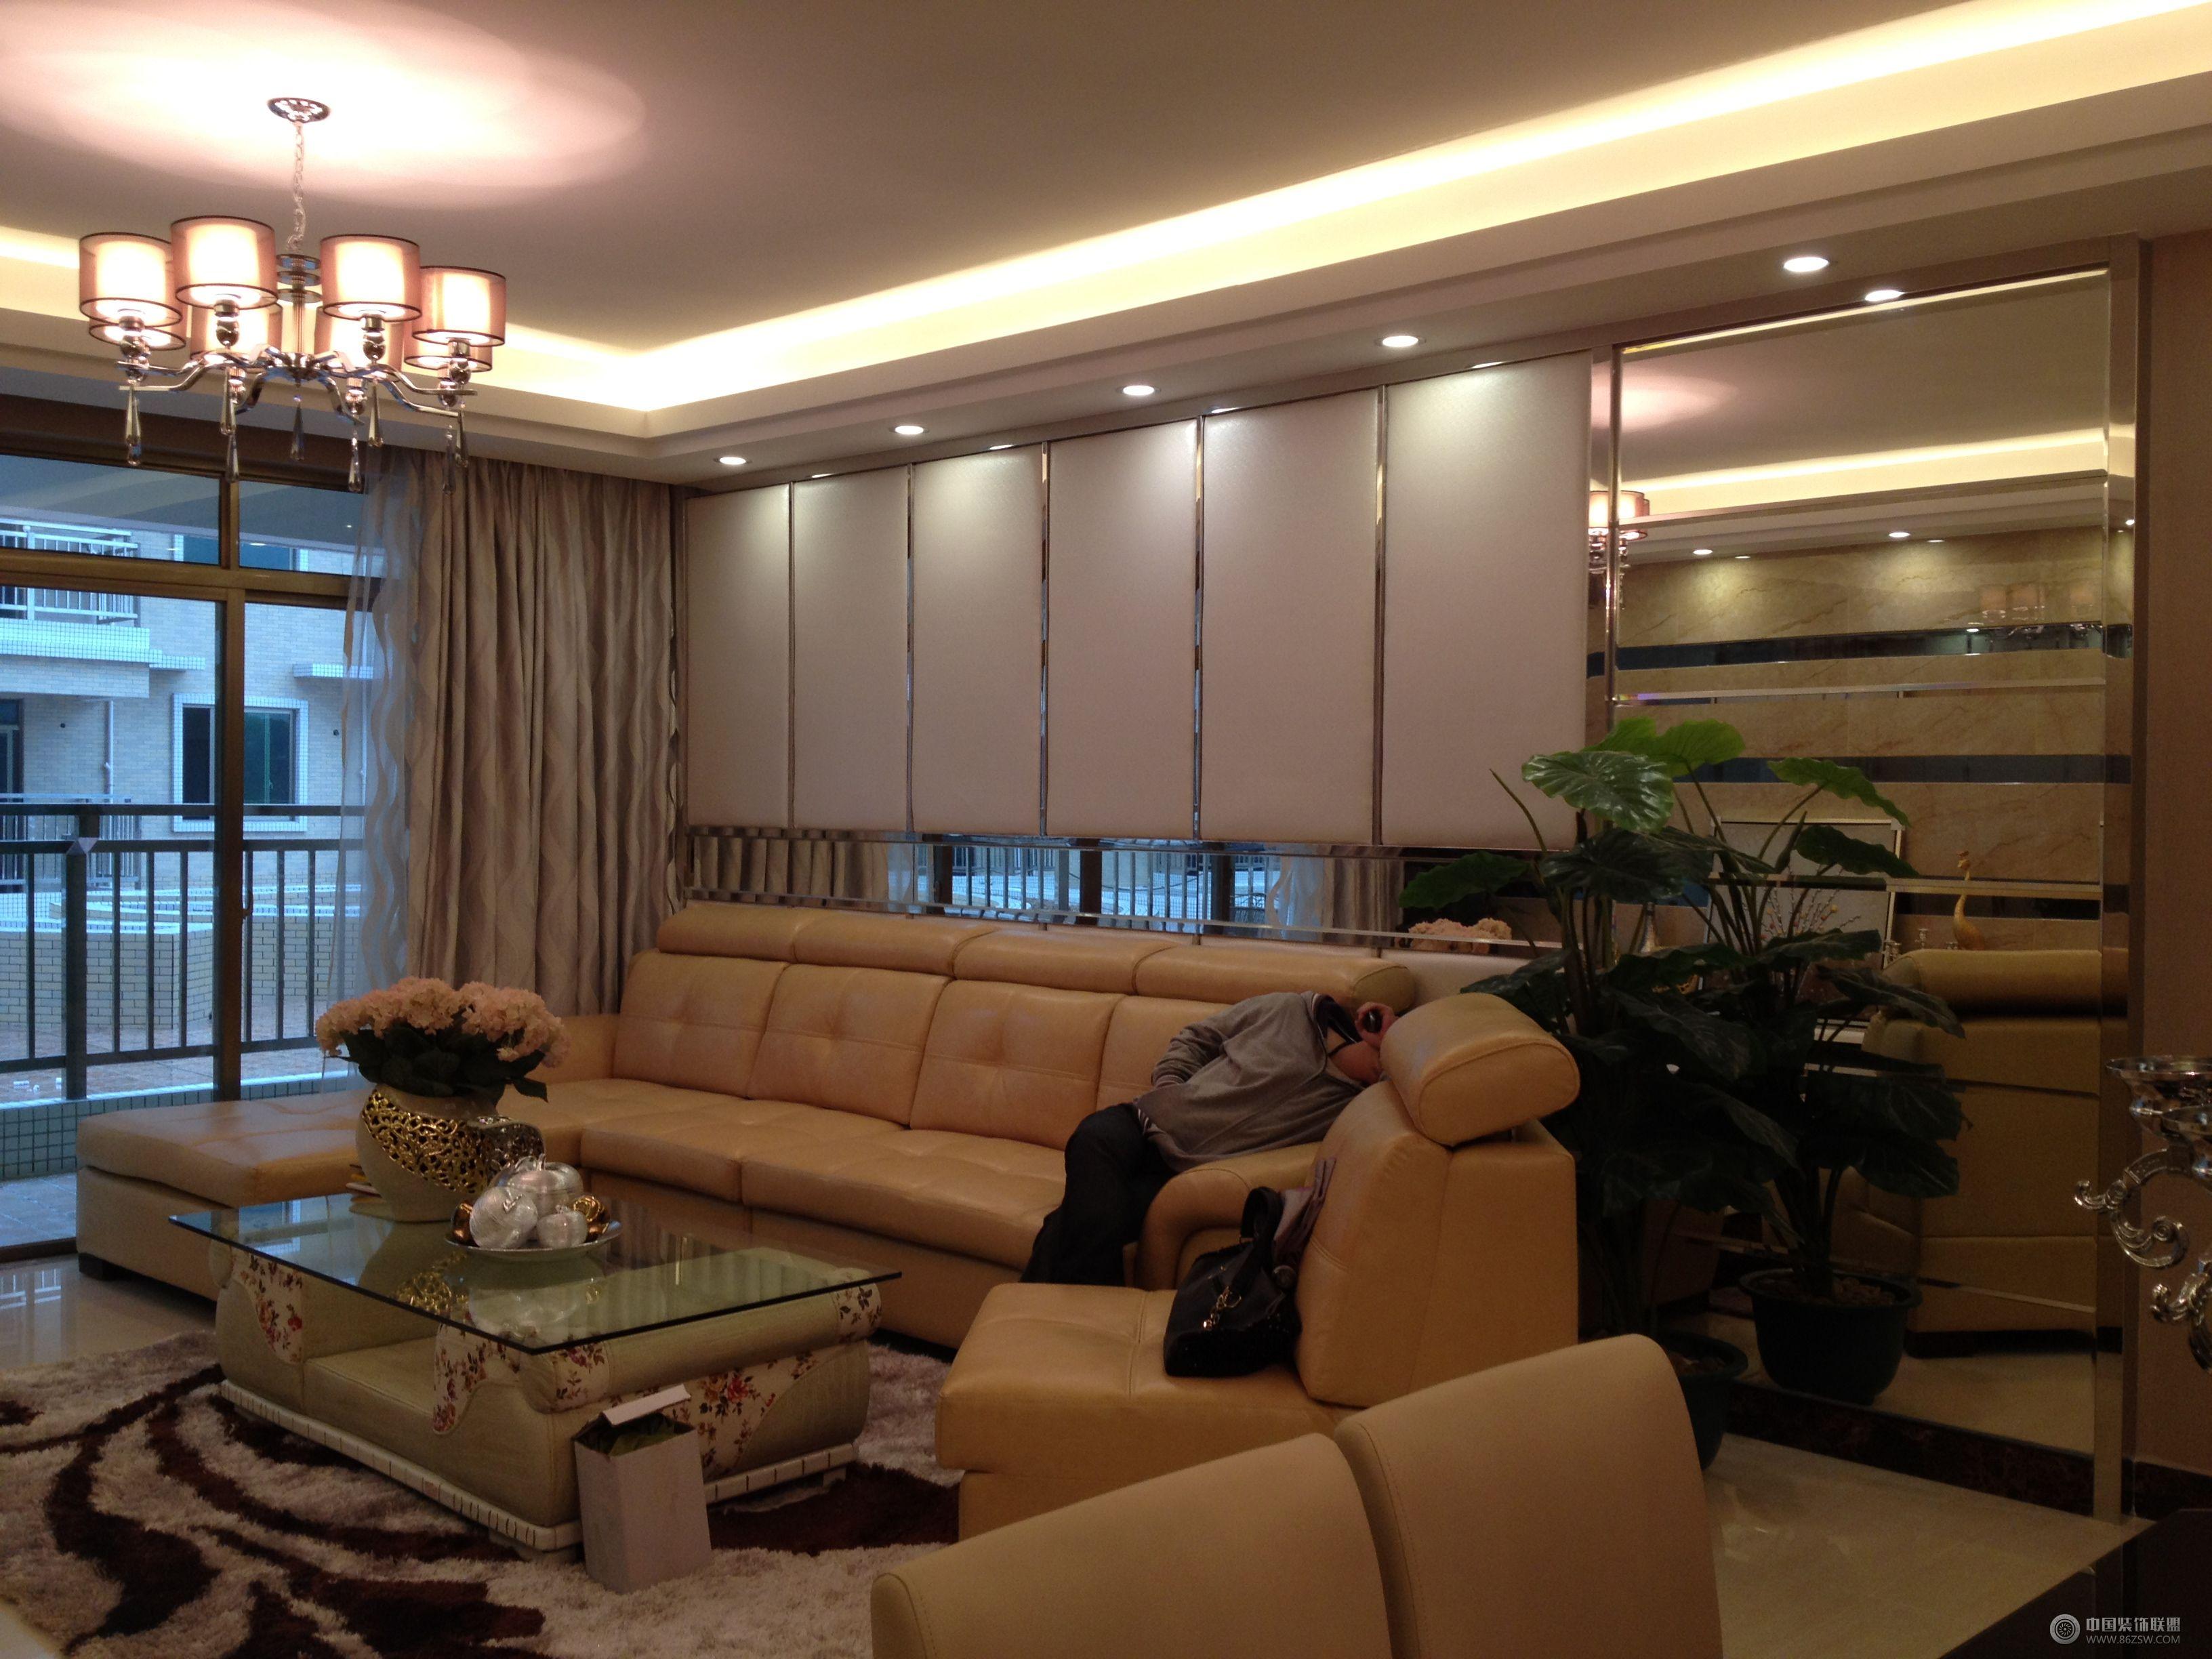 现代简约风格-客厅装修效果图-八六(中国)装饰联盟